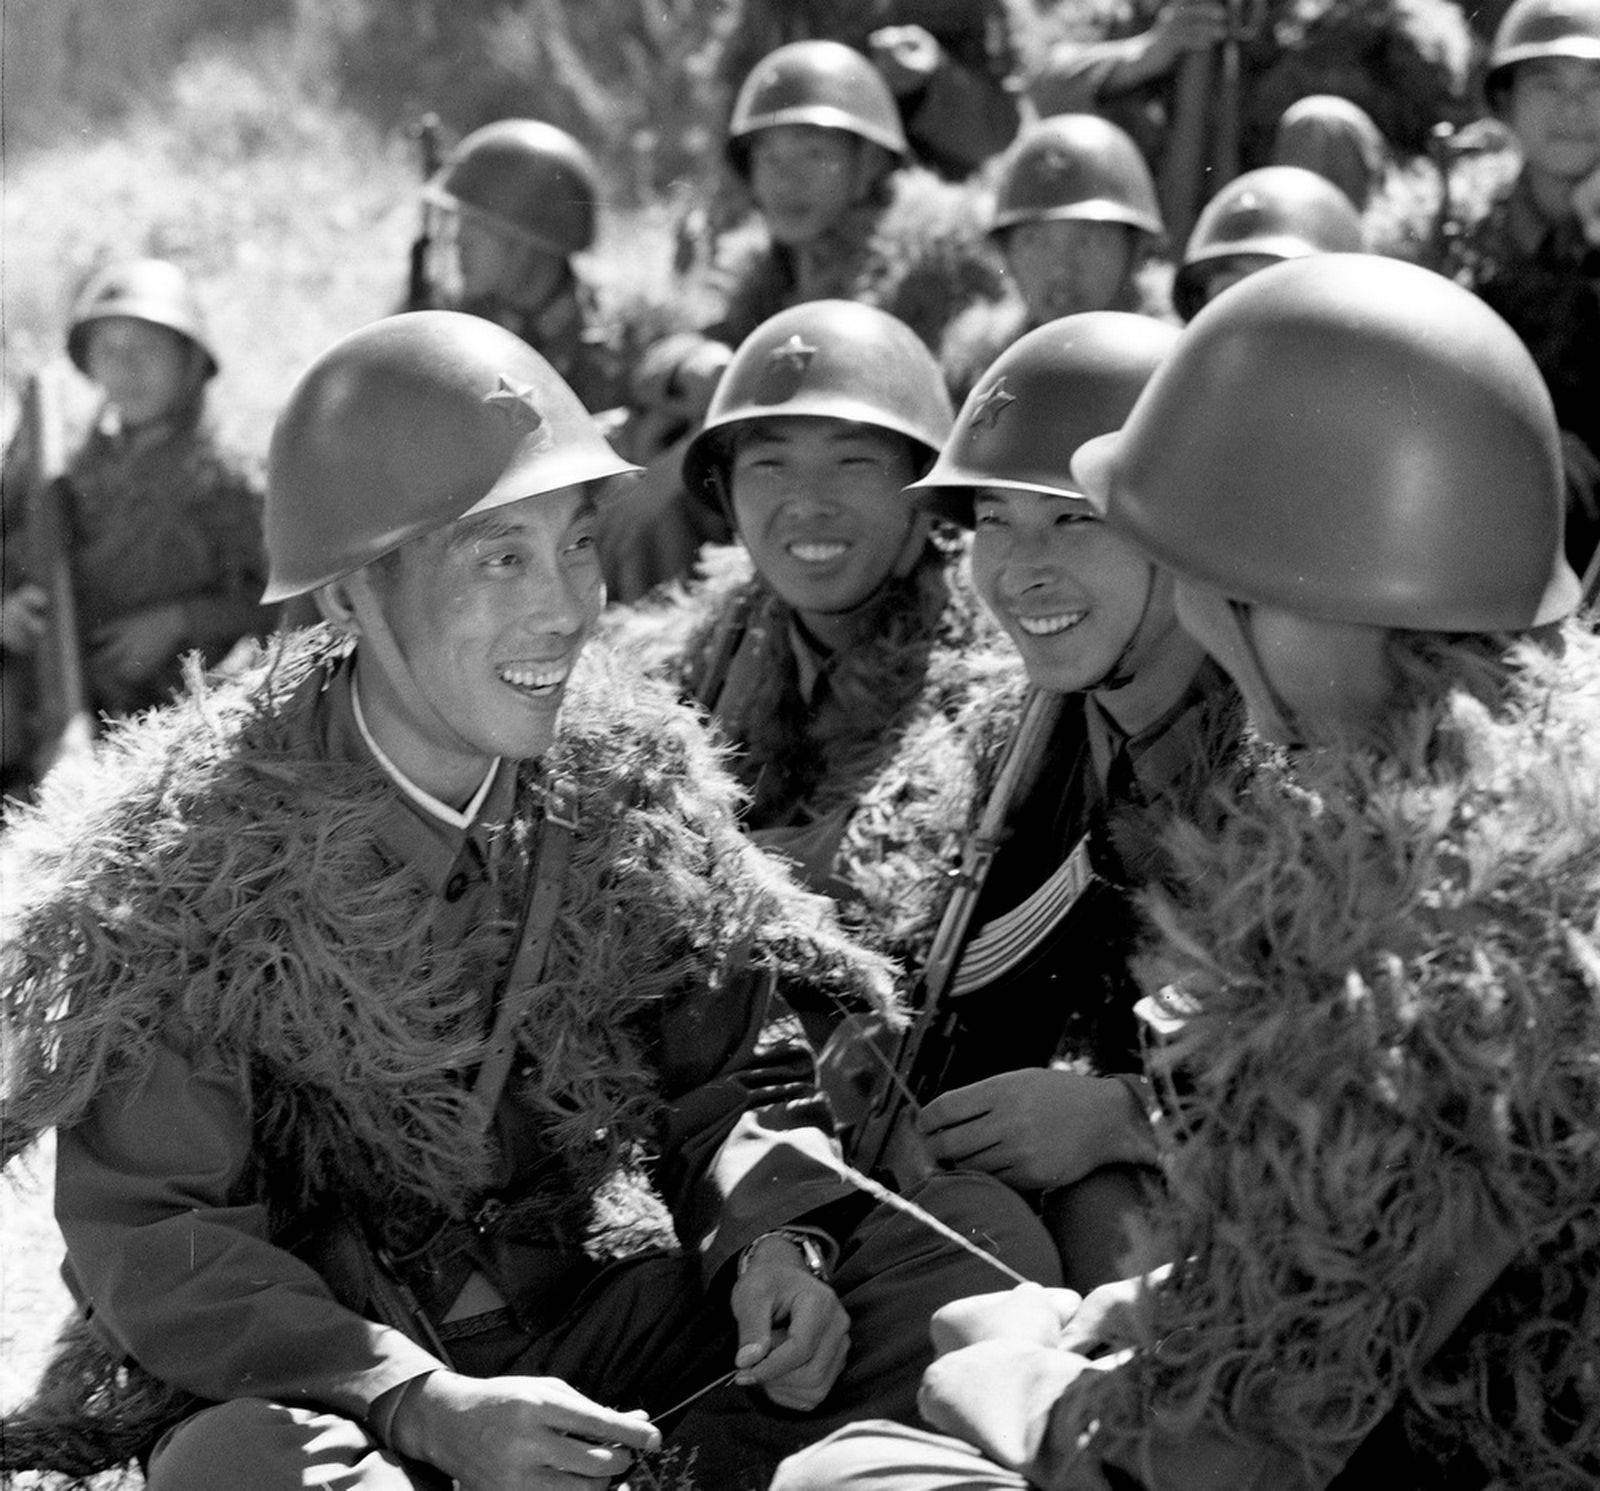 放映员没敲门,推门进屋撞见:干事和四川女兵翩翩起舞